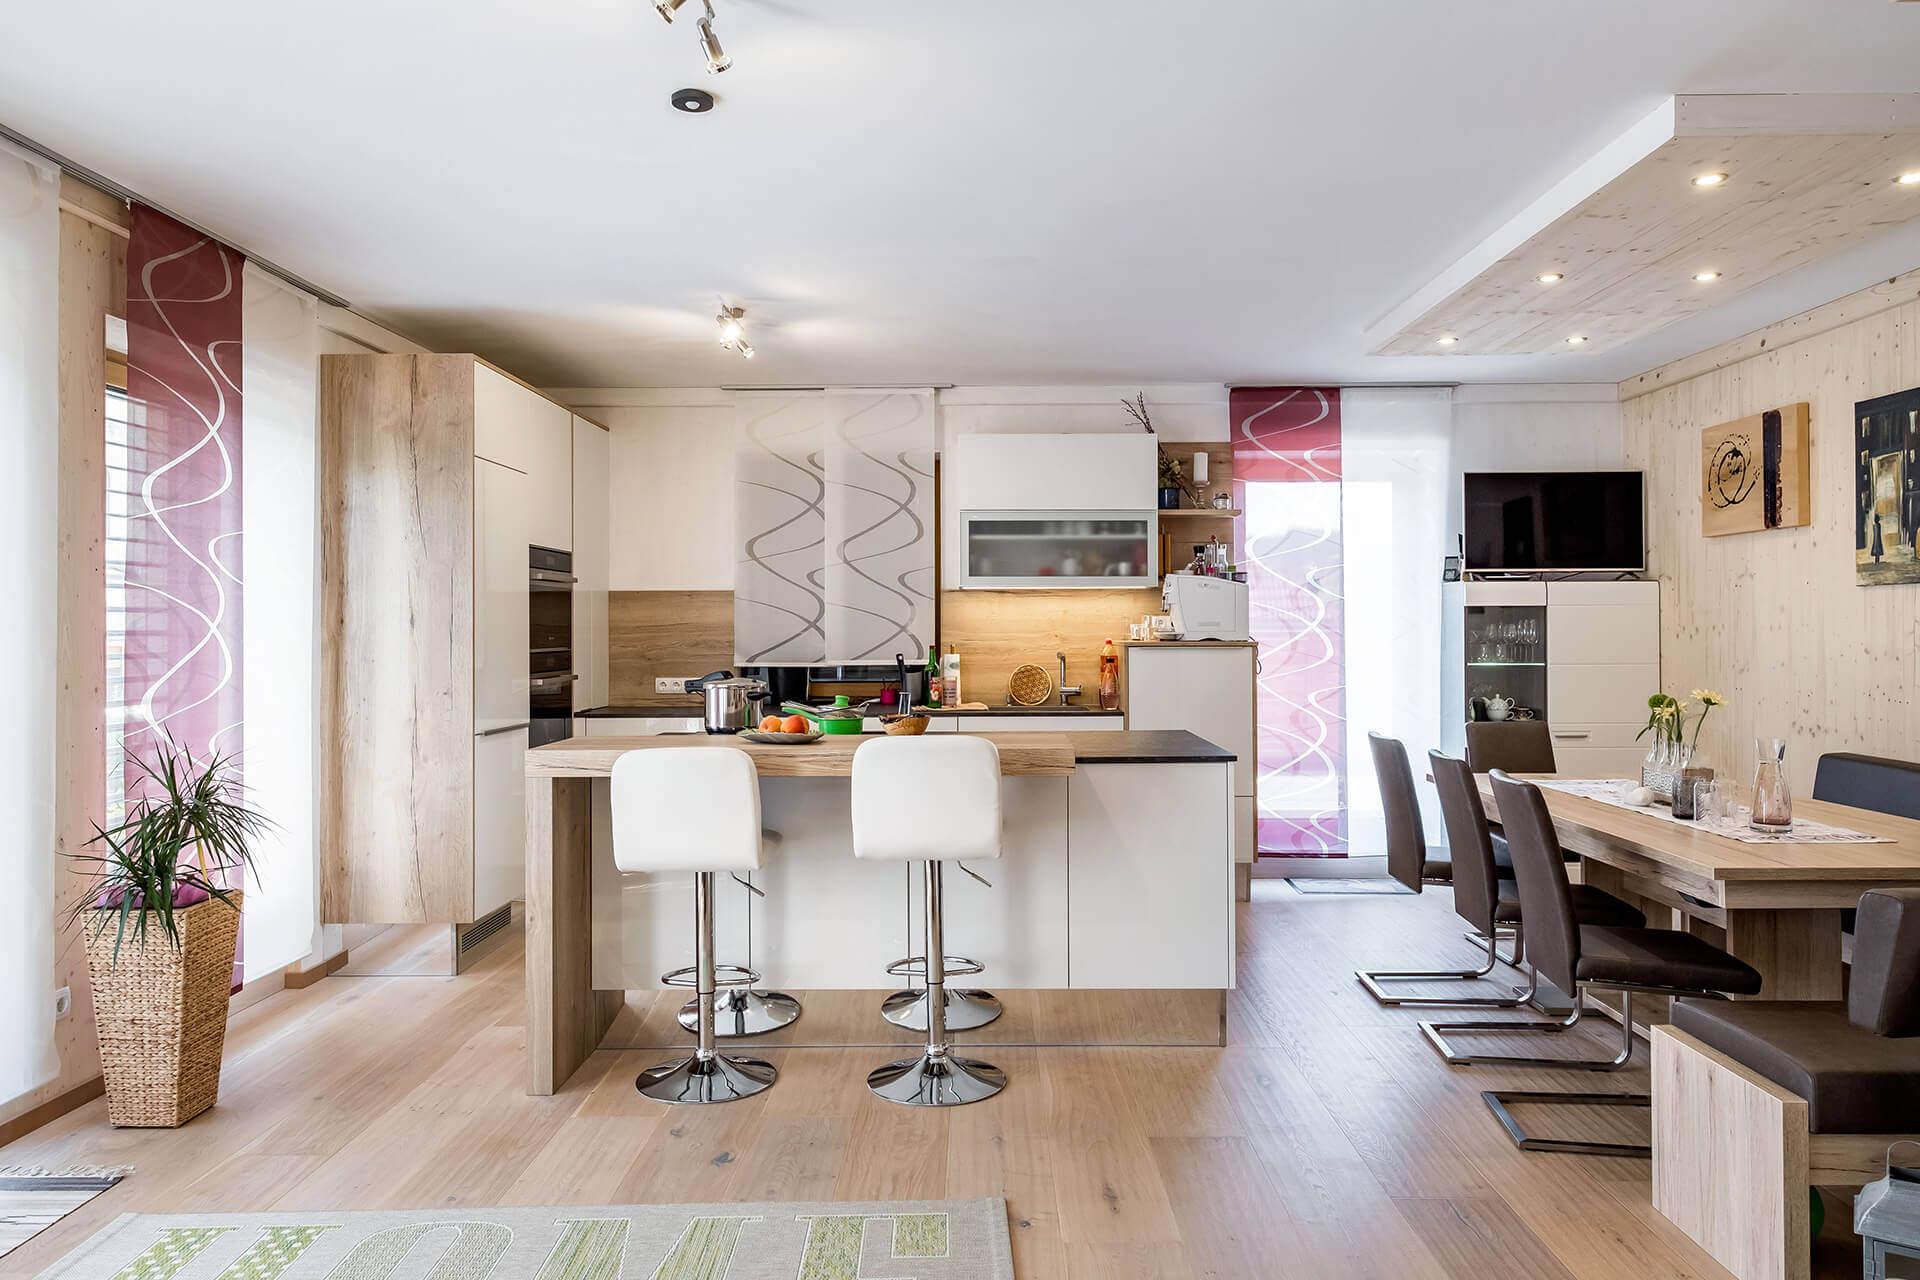 Kuchyně v inteligentním bytě